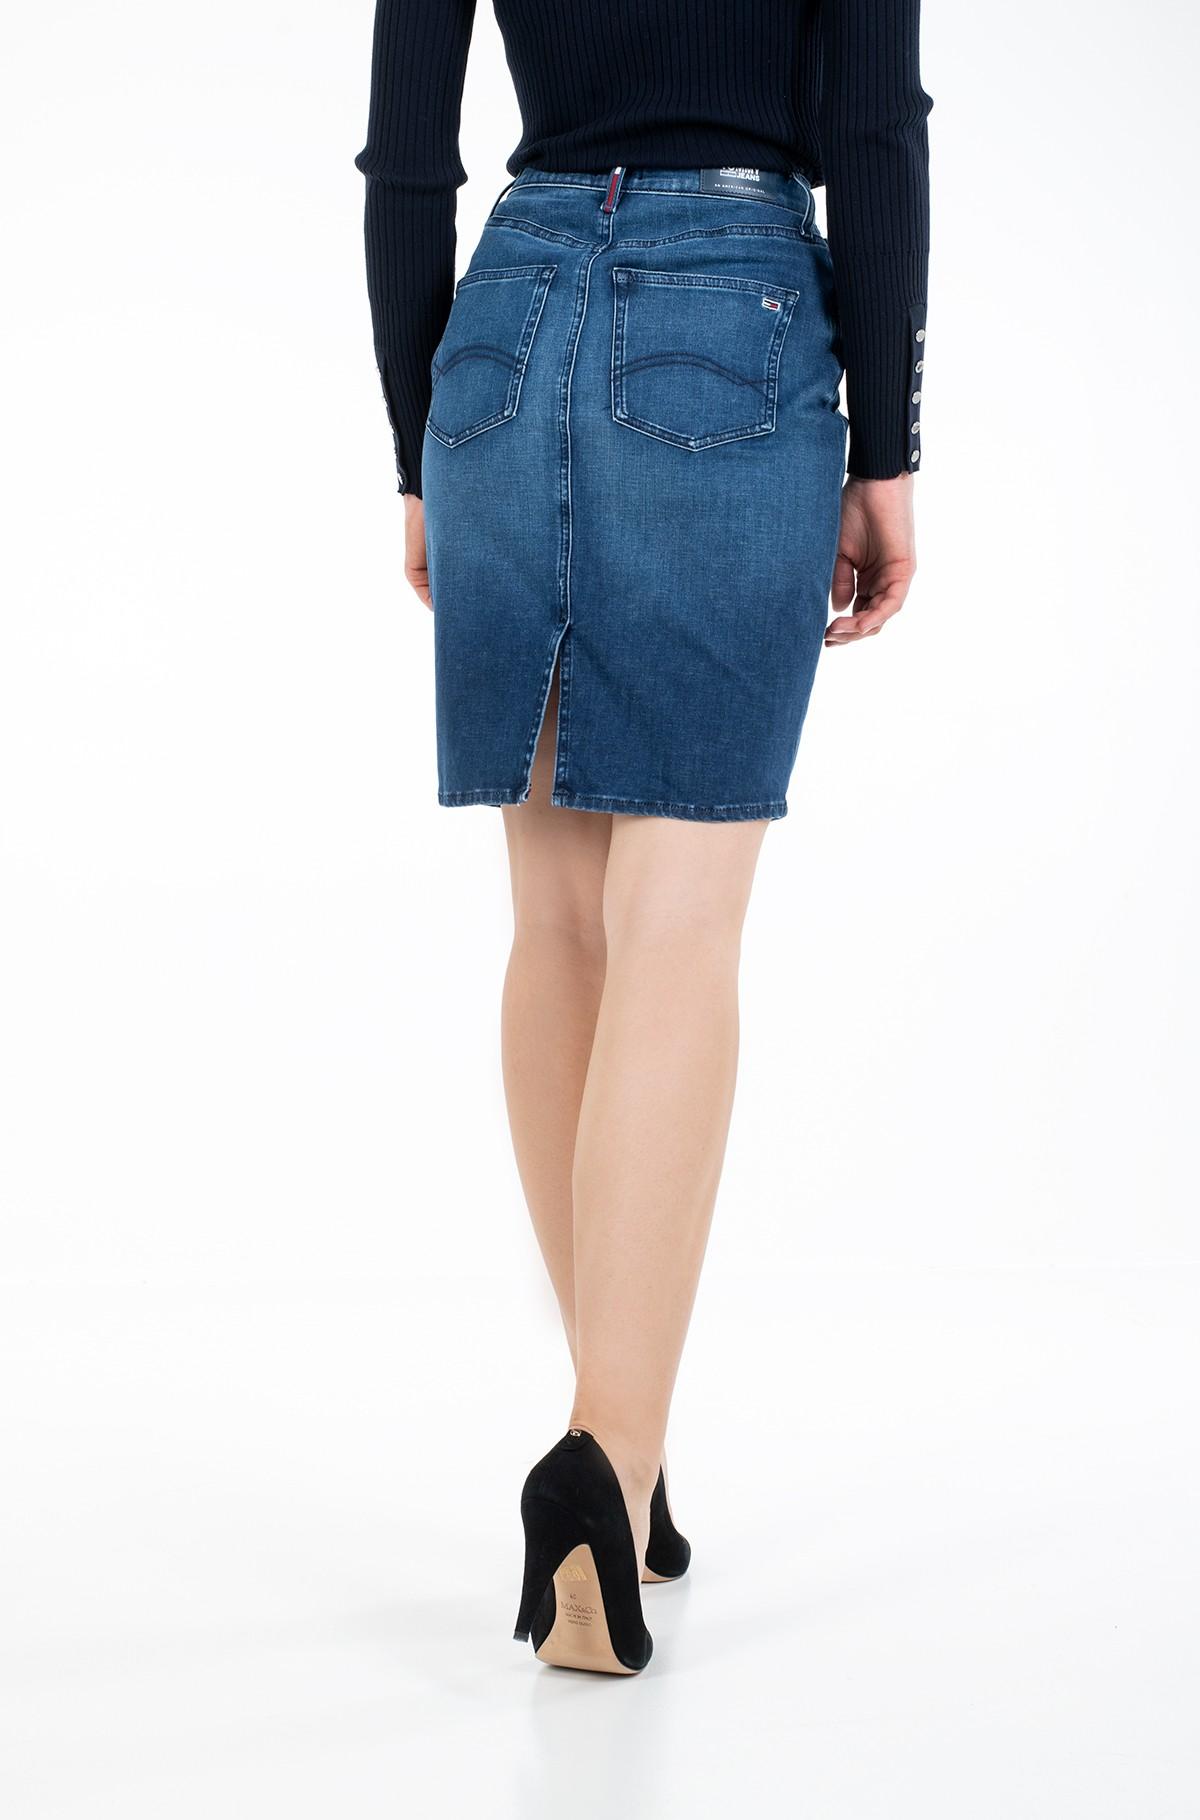 Skirt HIGH WAIST DENIM SKIRT DYADK-full-2